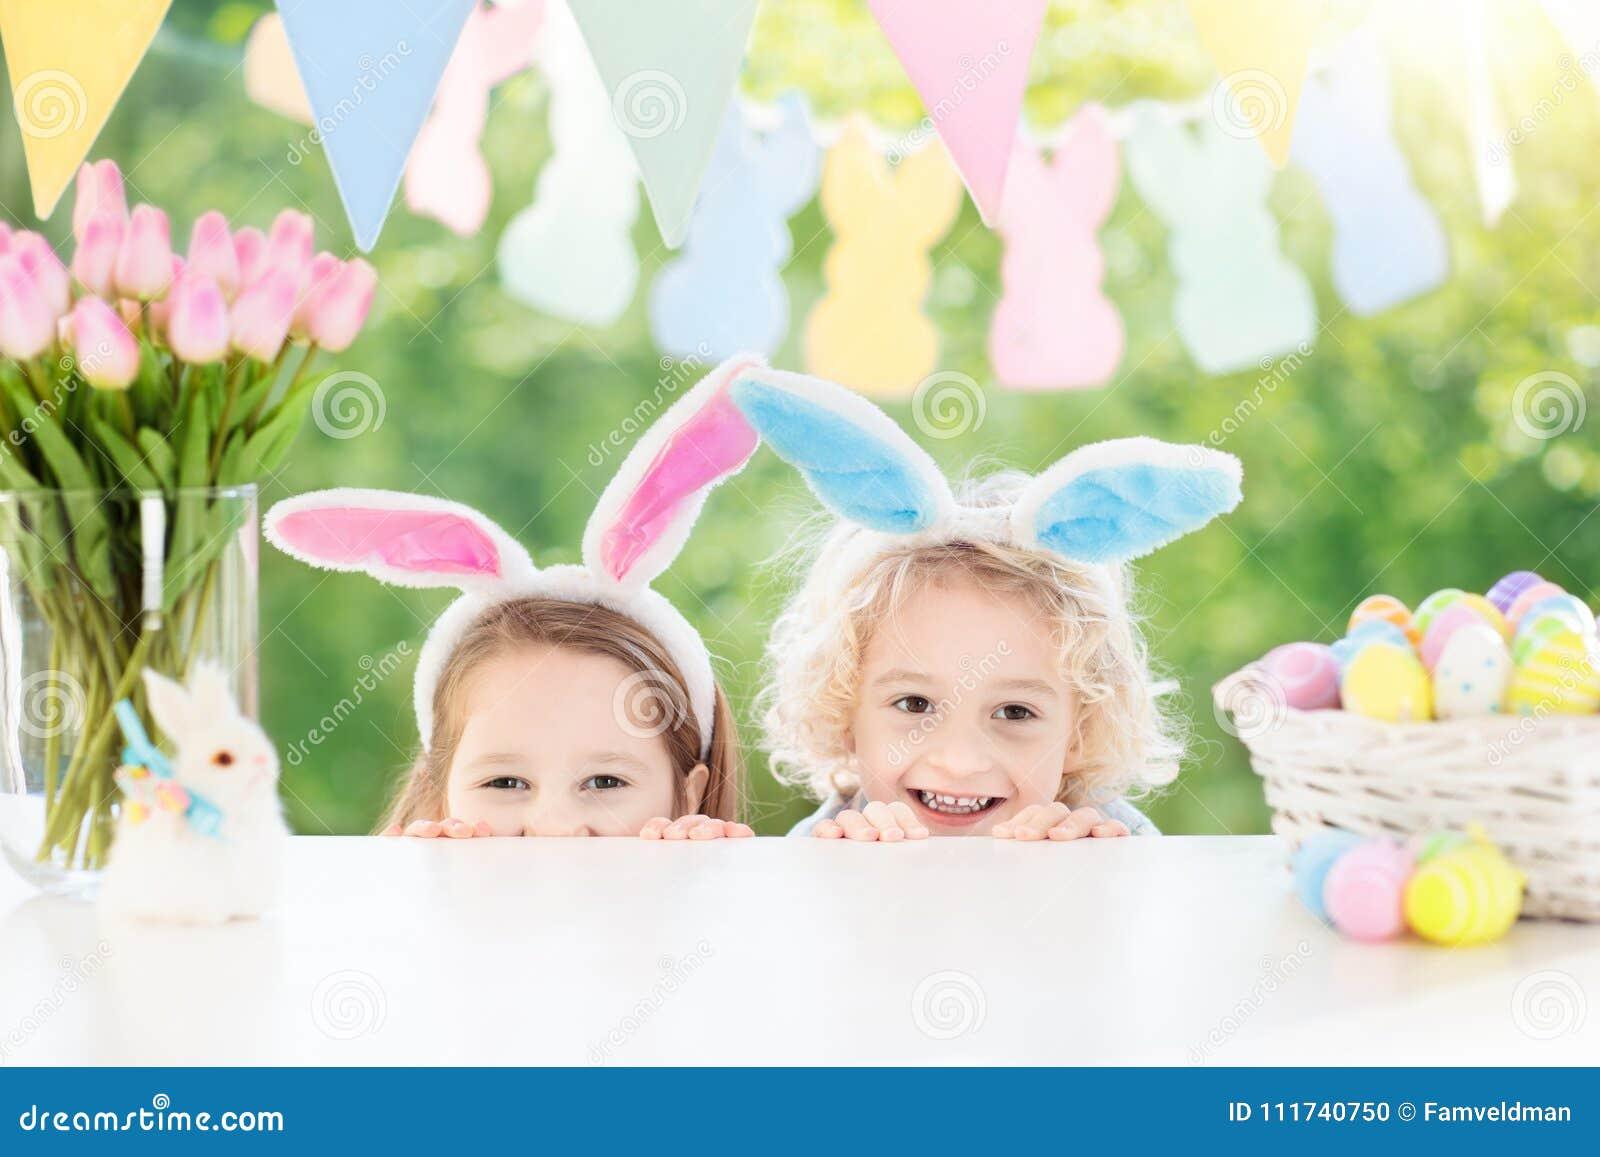 与兔宝宝耳朵和鸡蛋的孩子在复活节彩蛋寻找